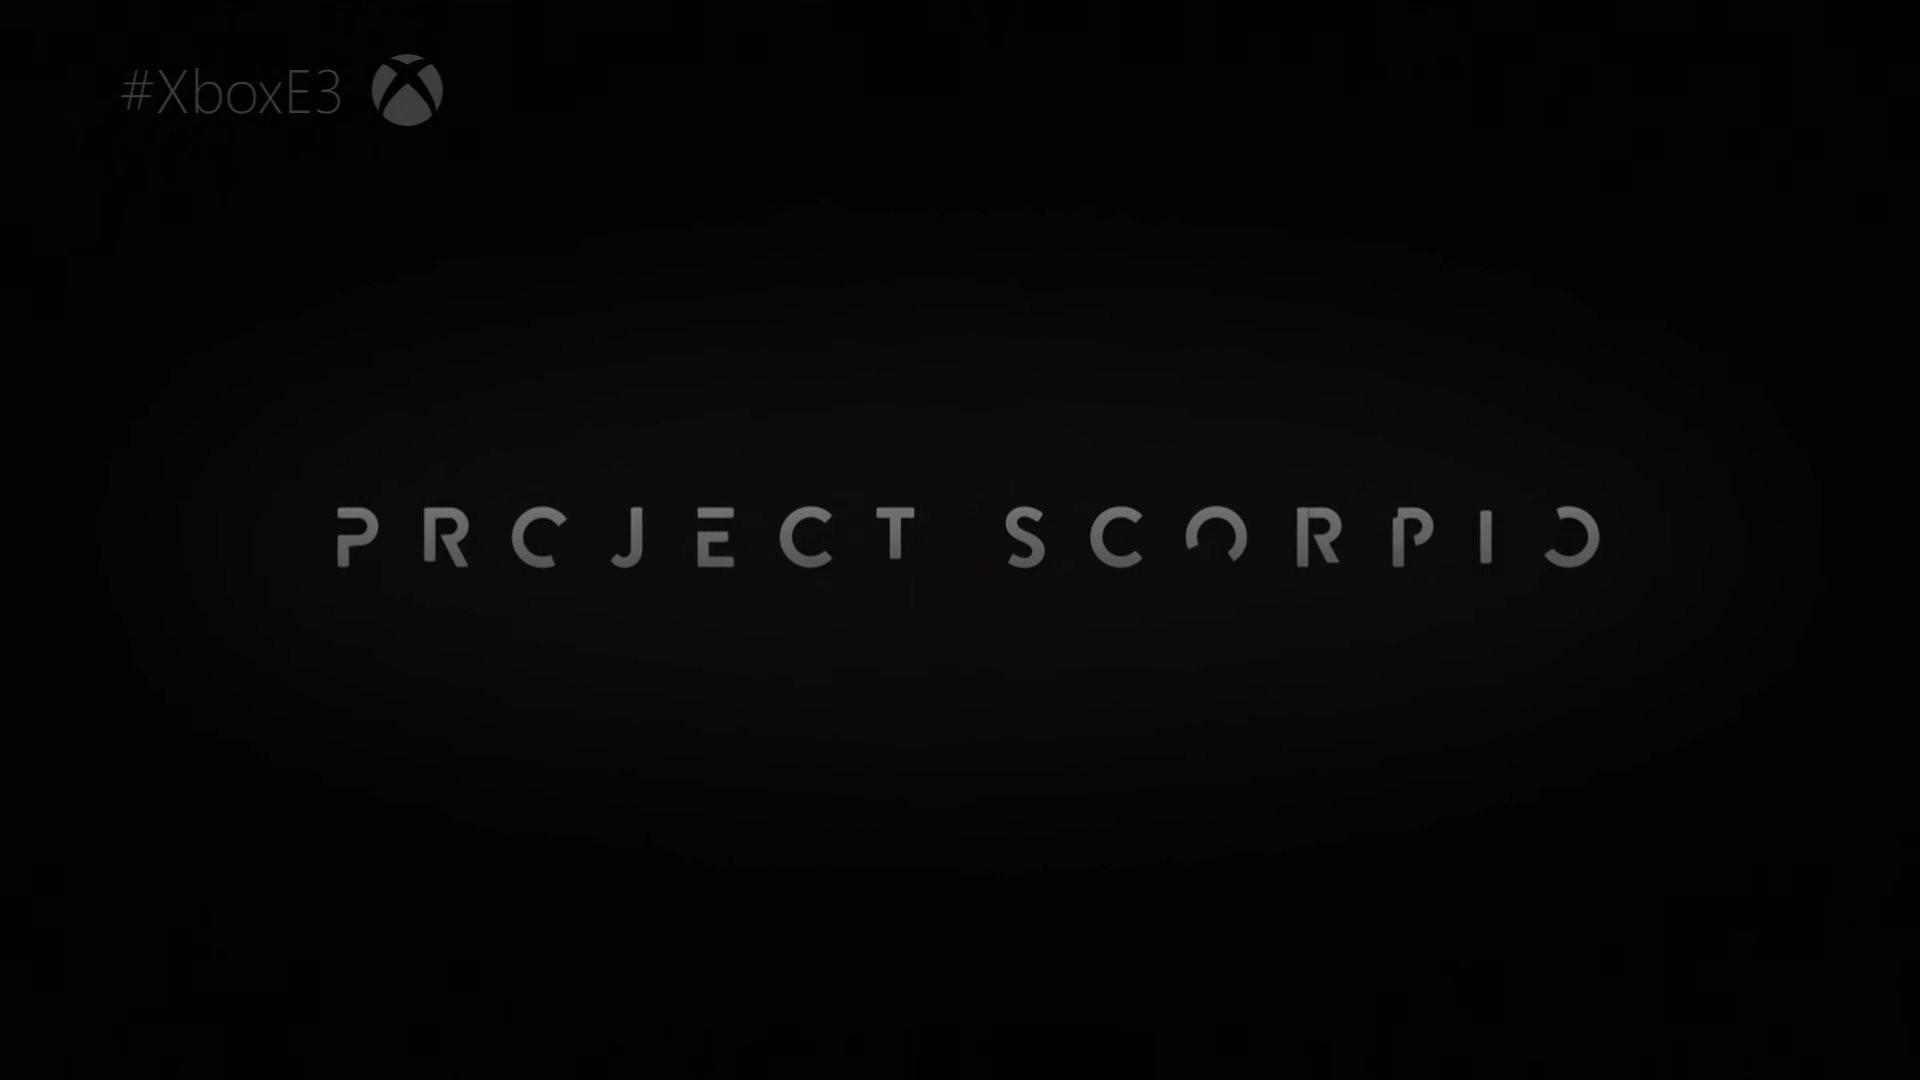 E3 2018 coming! Xbox_scorpio1